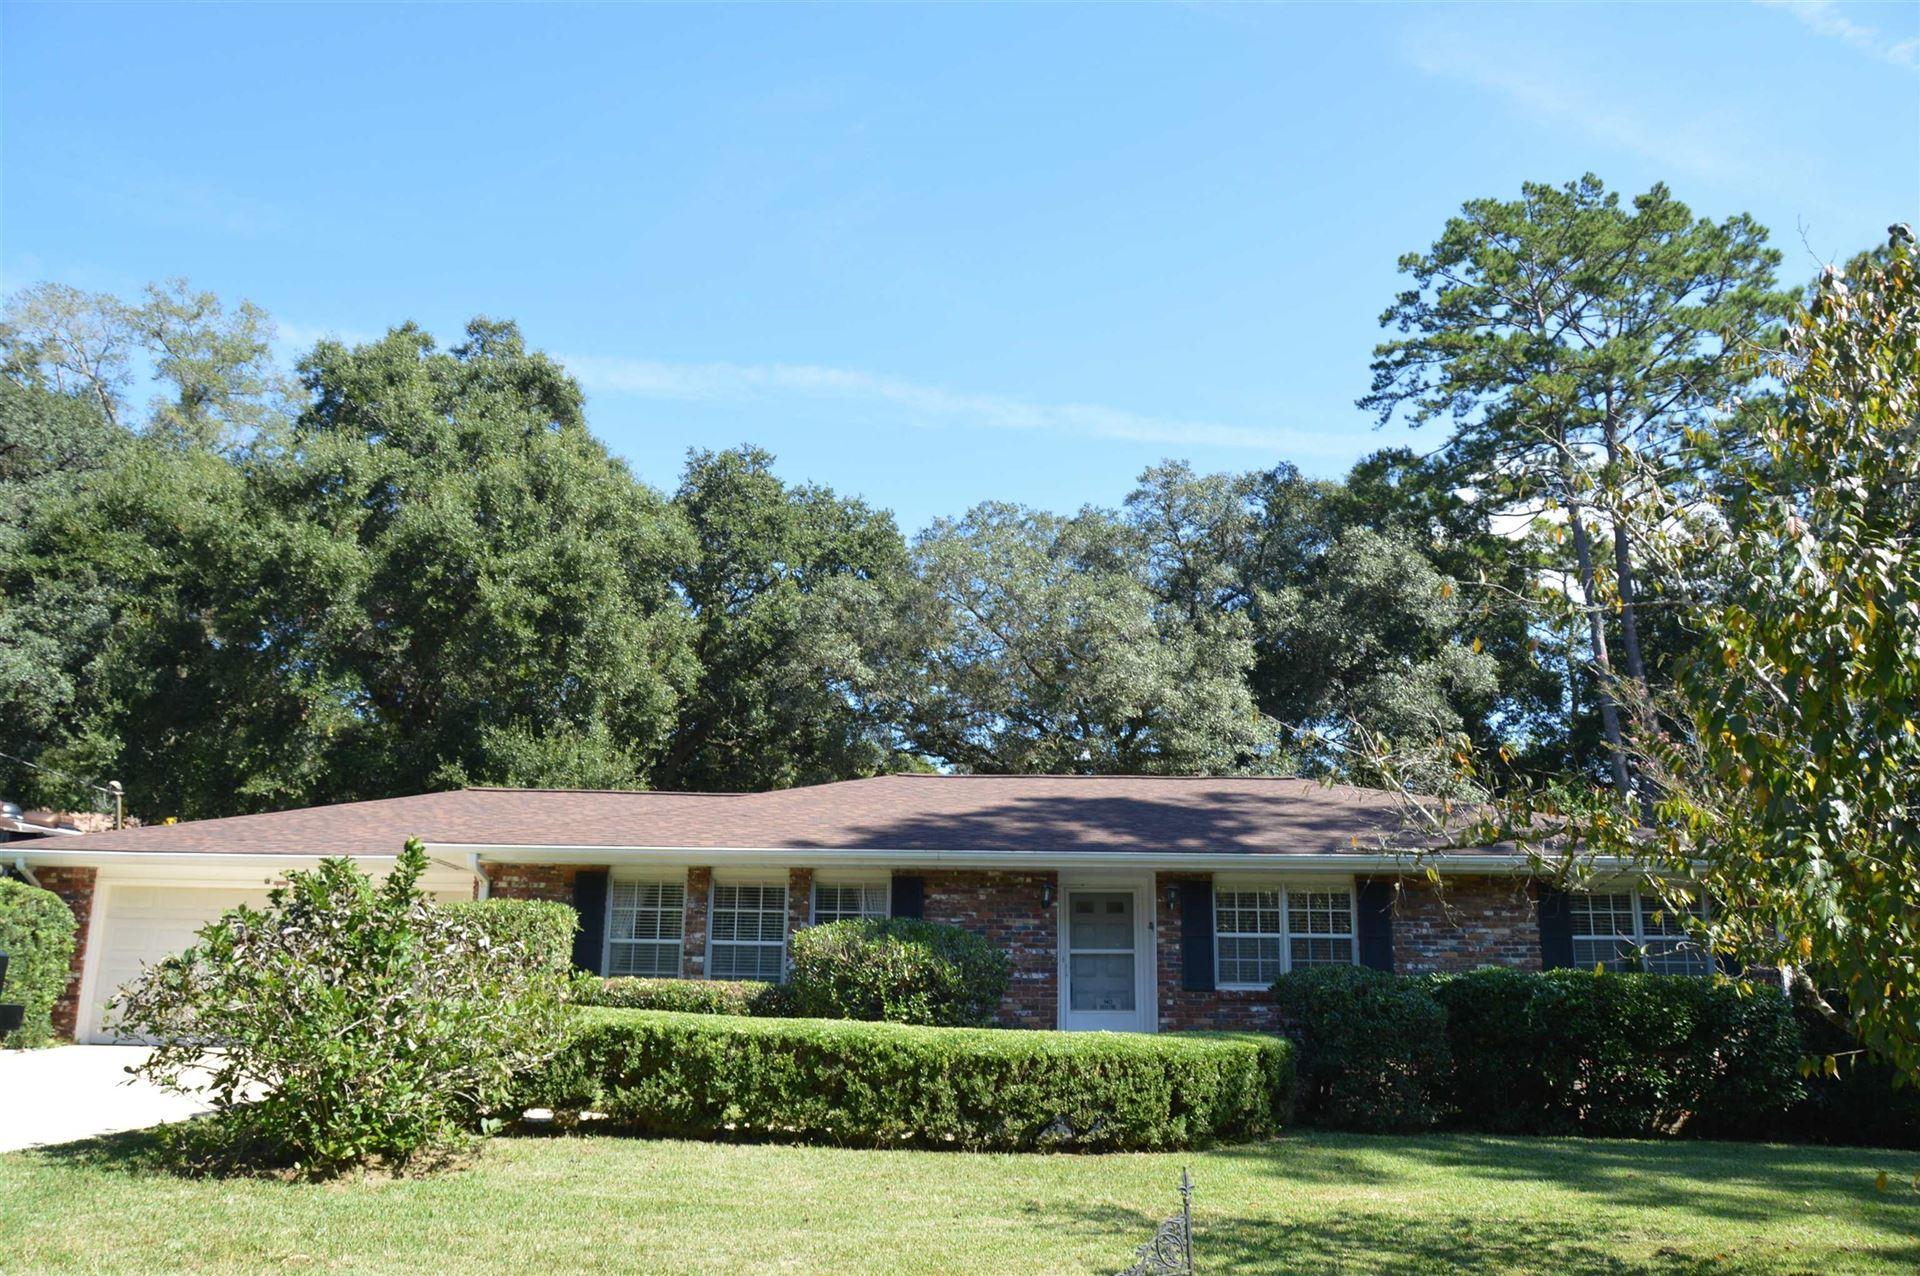 Photo of 1814 Doomar Drive, TALLAHASSEE, FL 32308 (MLS # 338331)